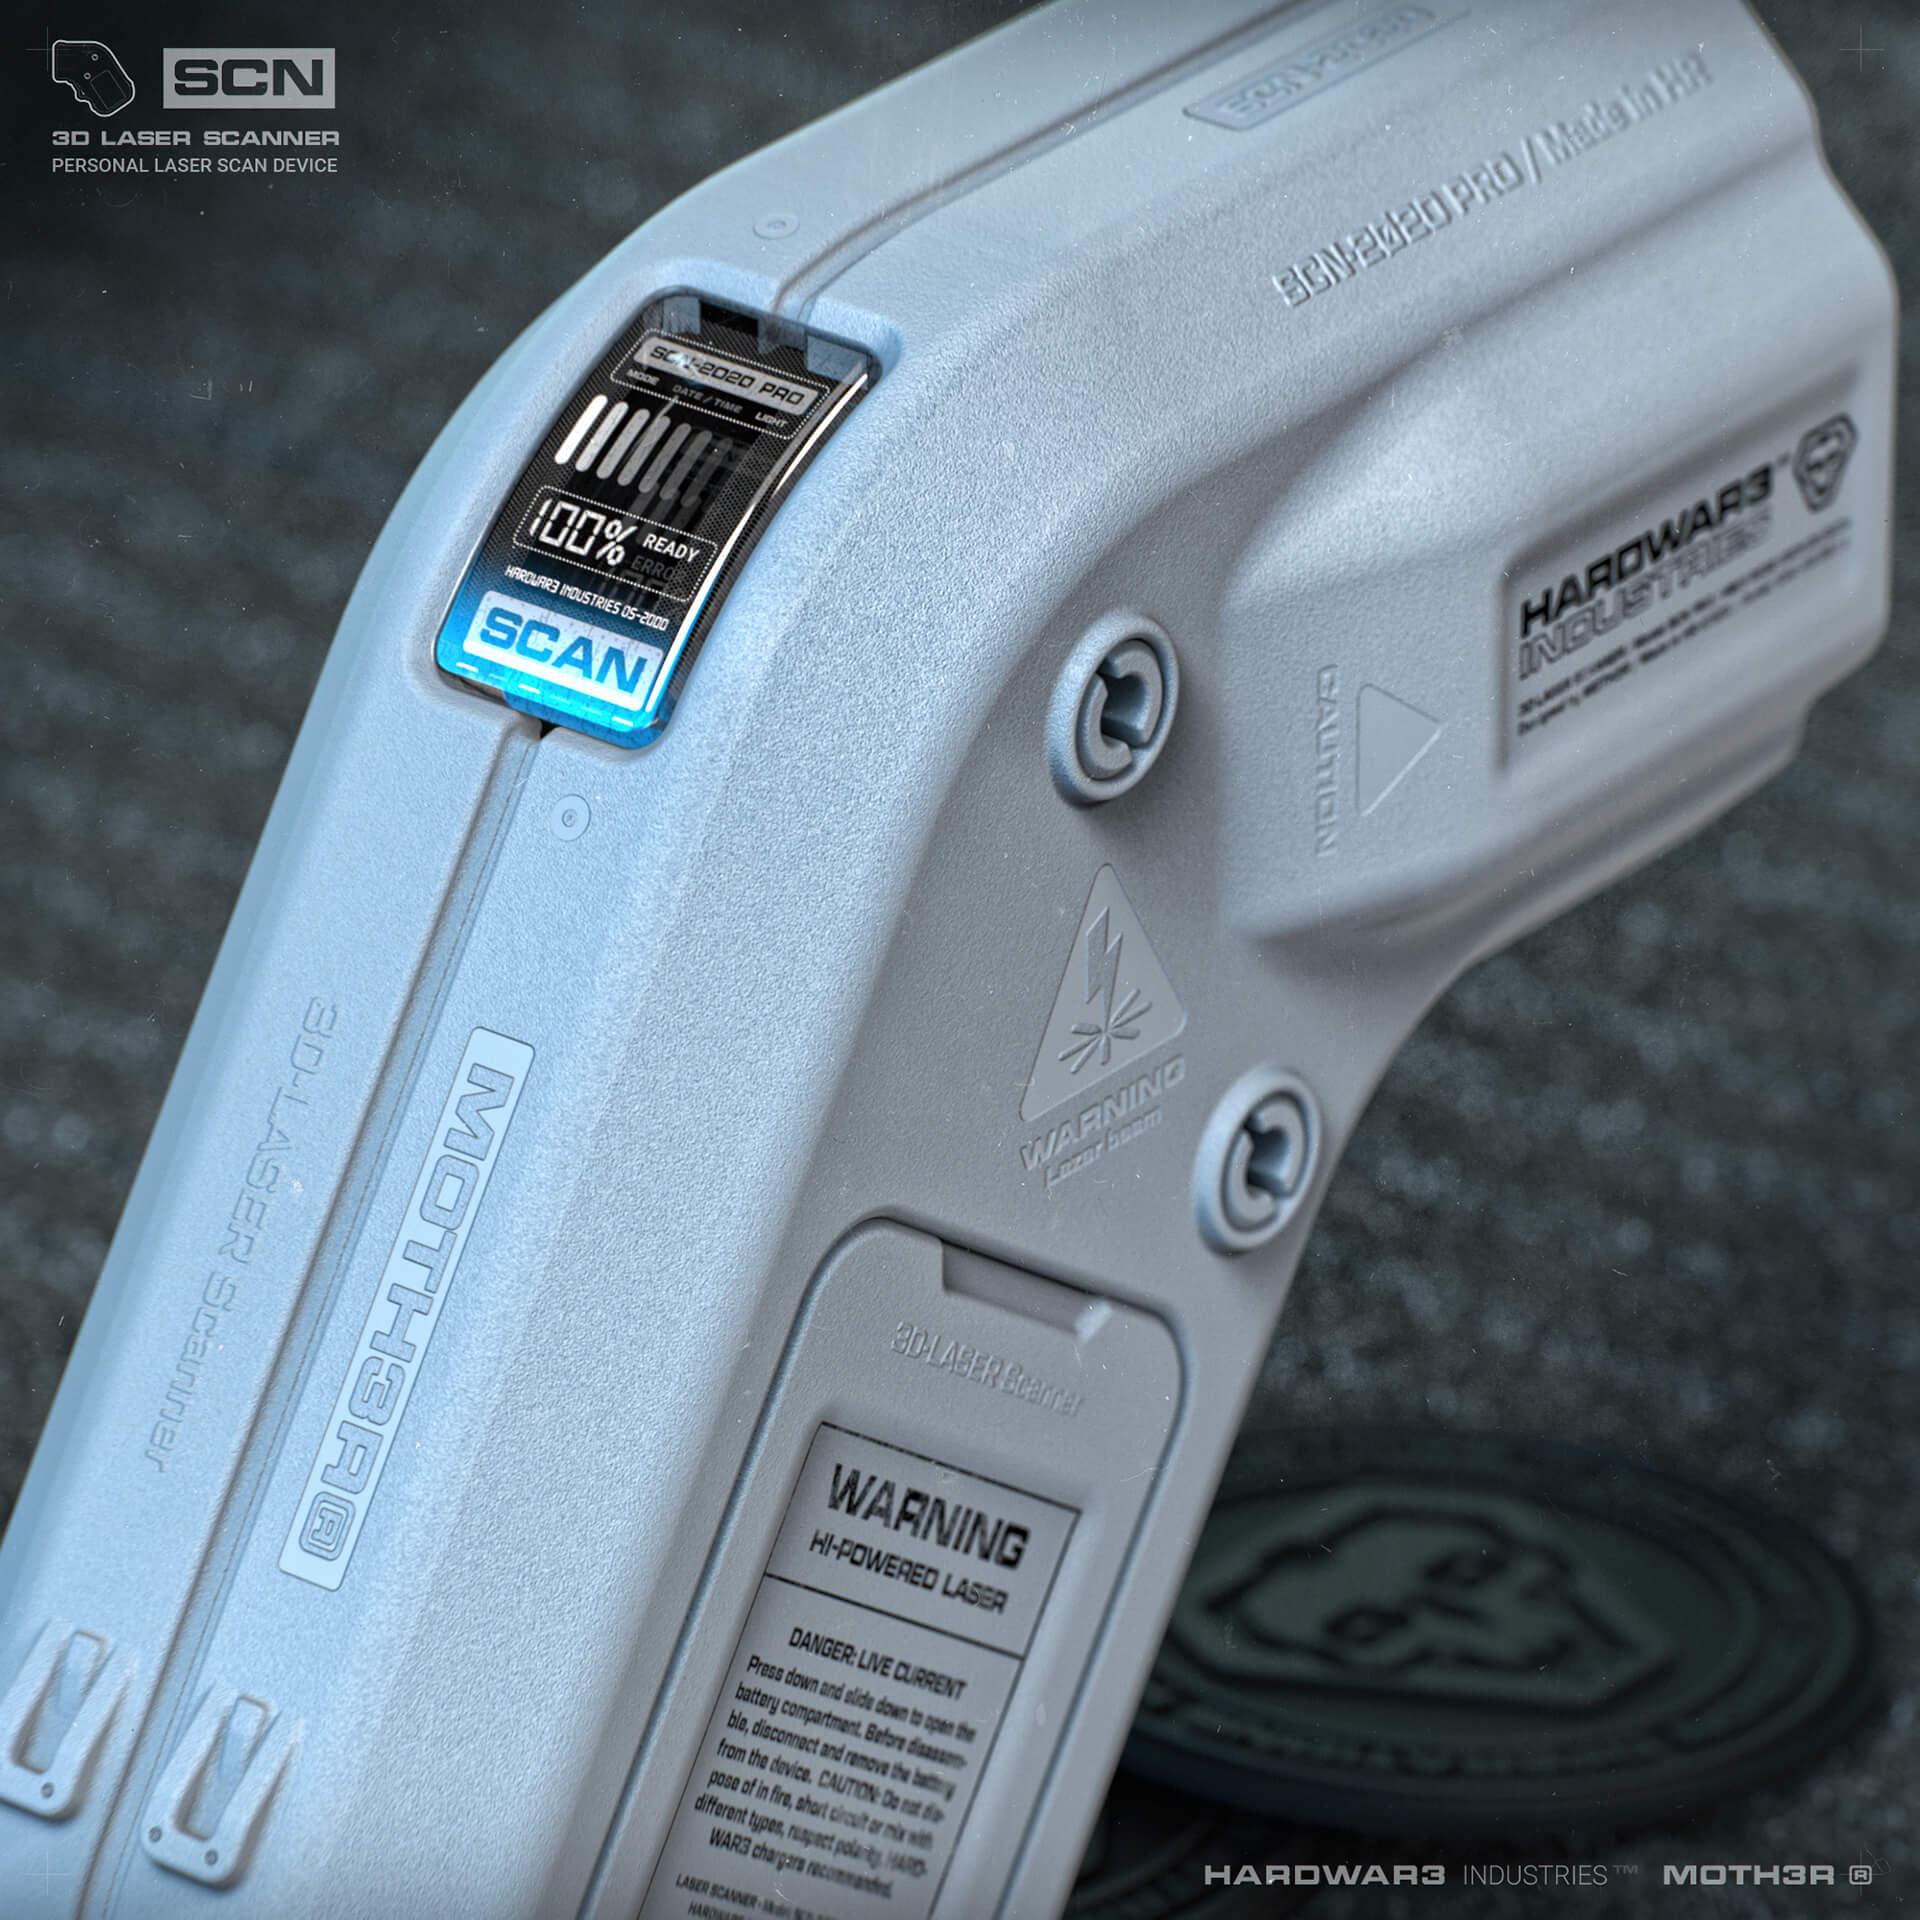 Scanner-001.92